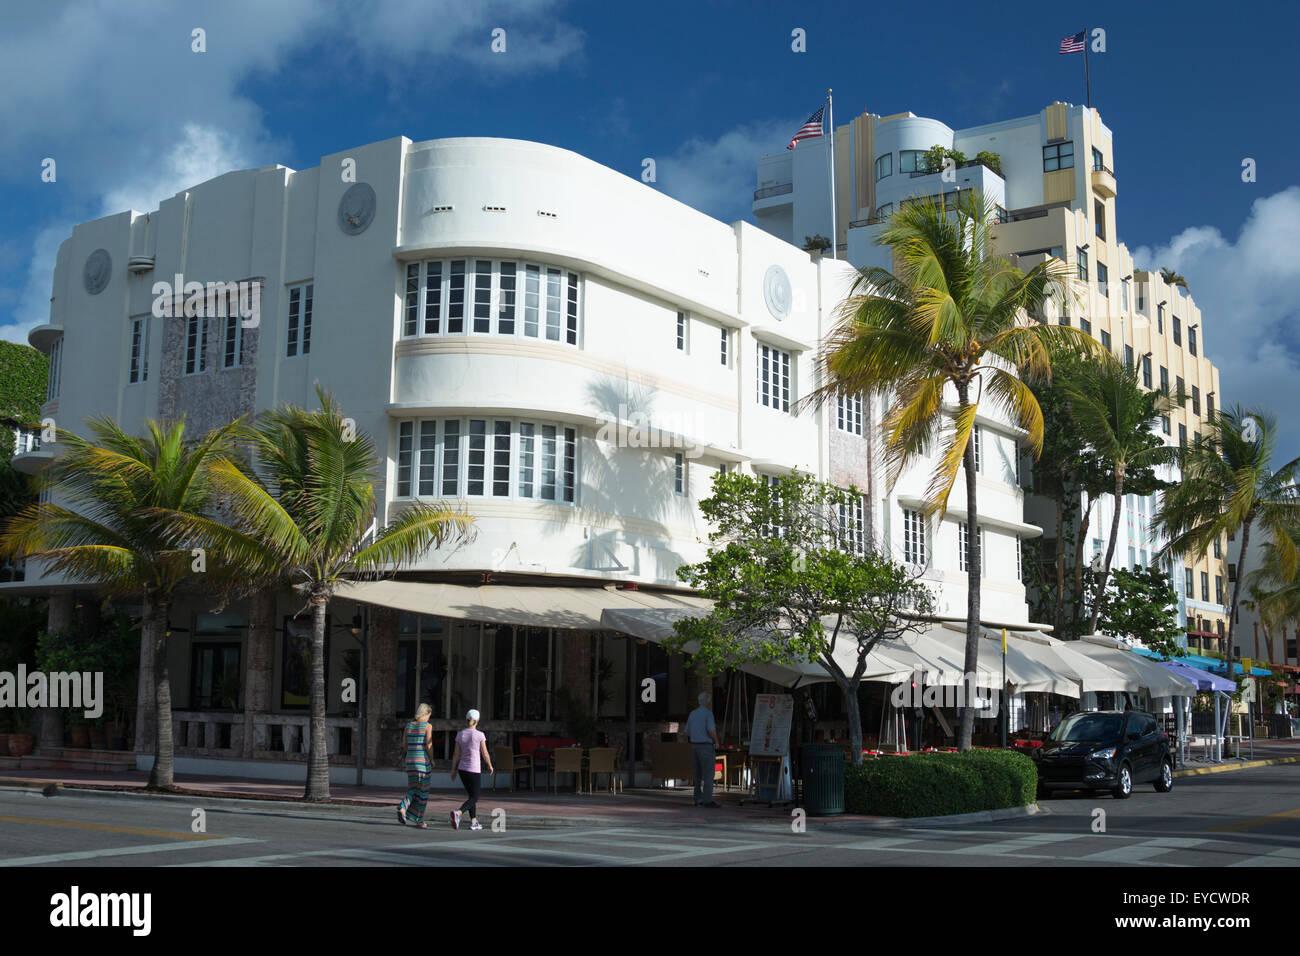 Casino hotel in miami florida